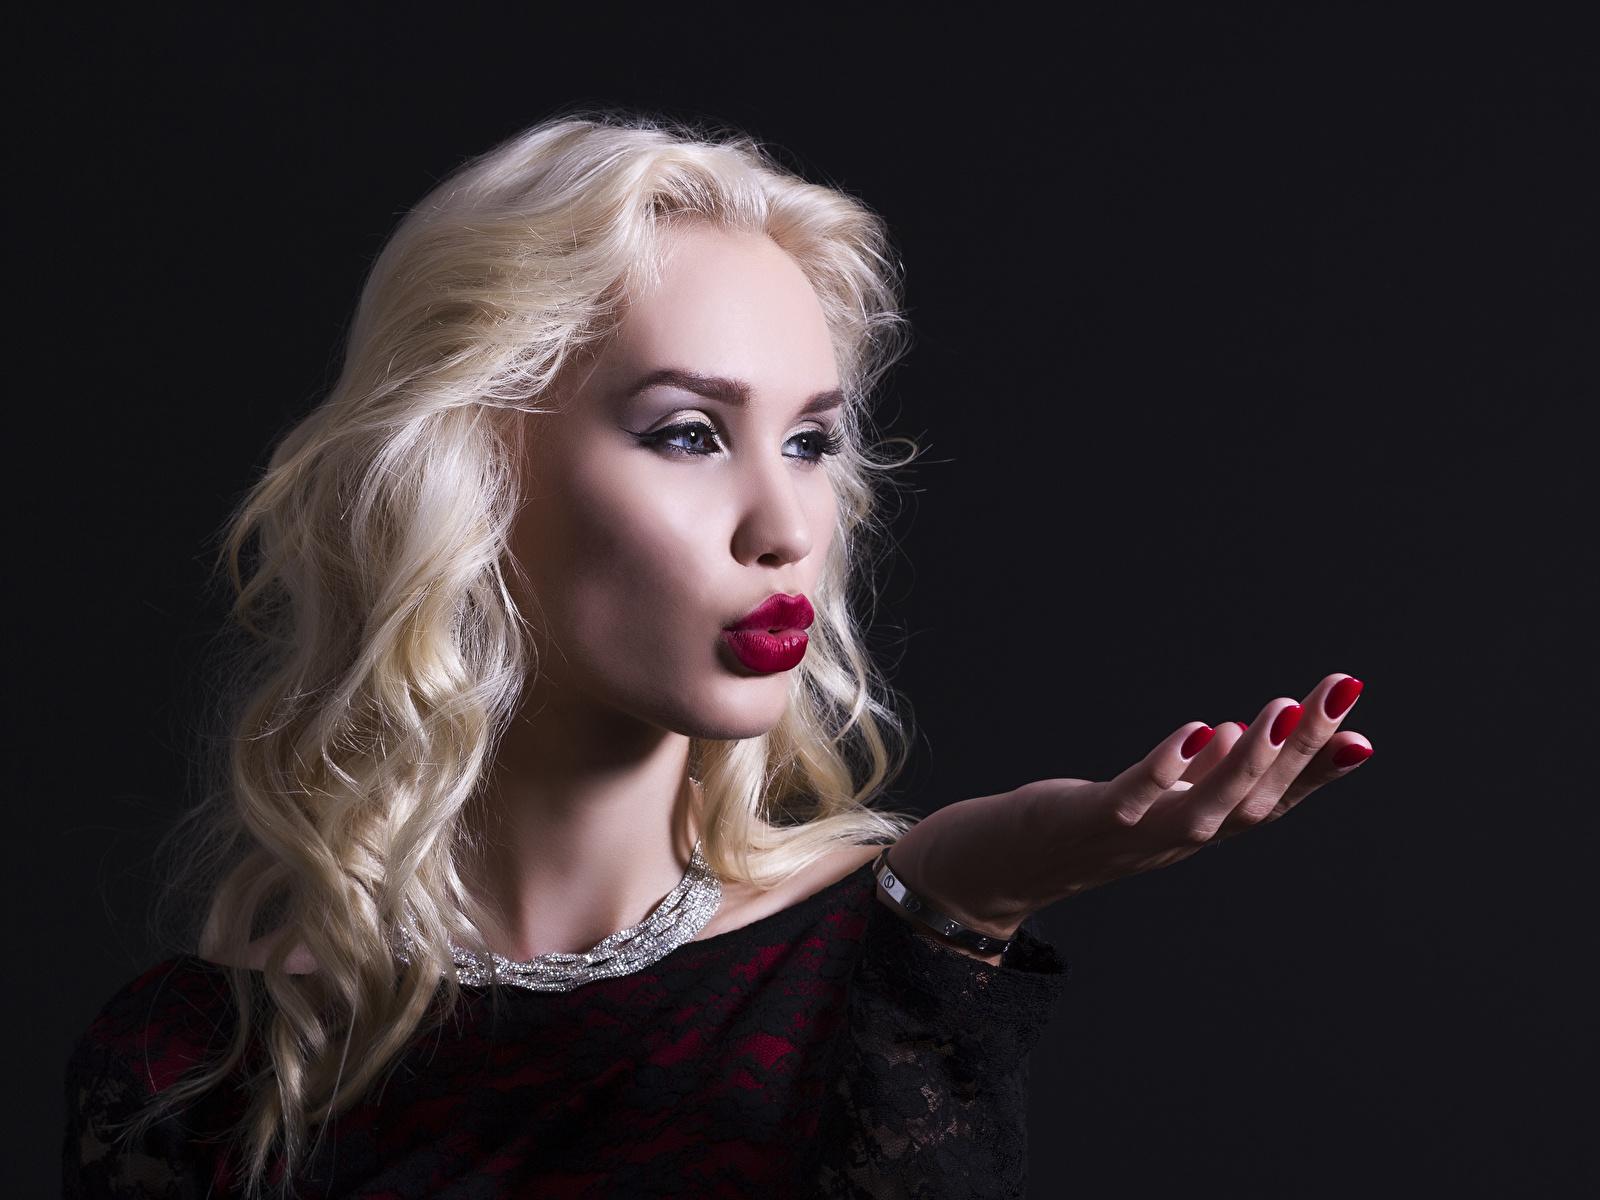 Фотография Блондинка молодые женщины Руки Черный фон Украшения 1600x1200 блондинок блондинки девушка Девушки молодая женщина рука на черном фоне